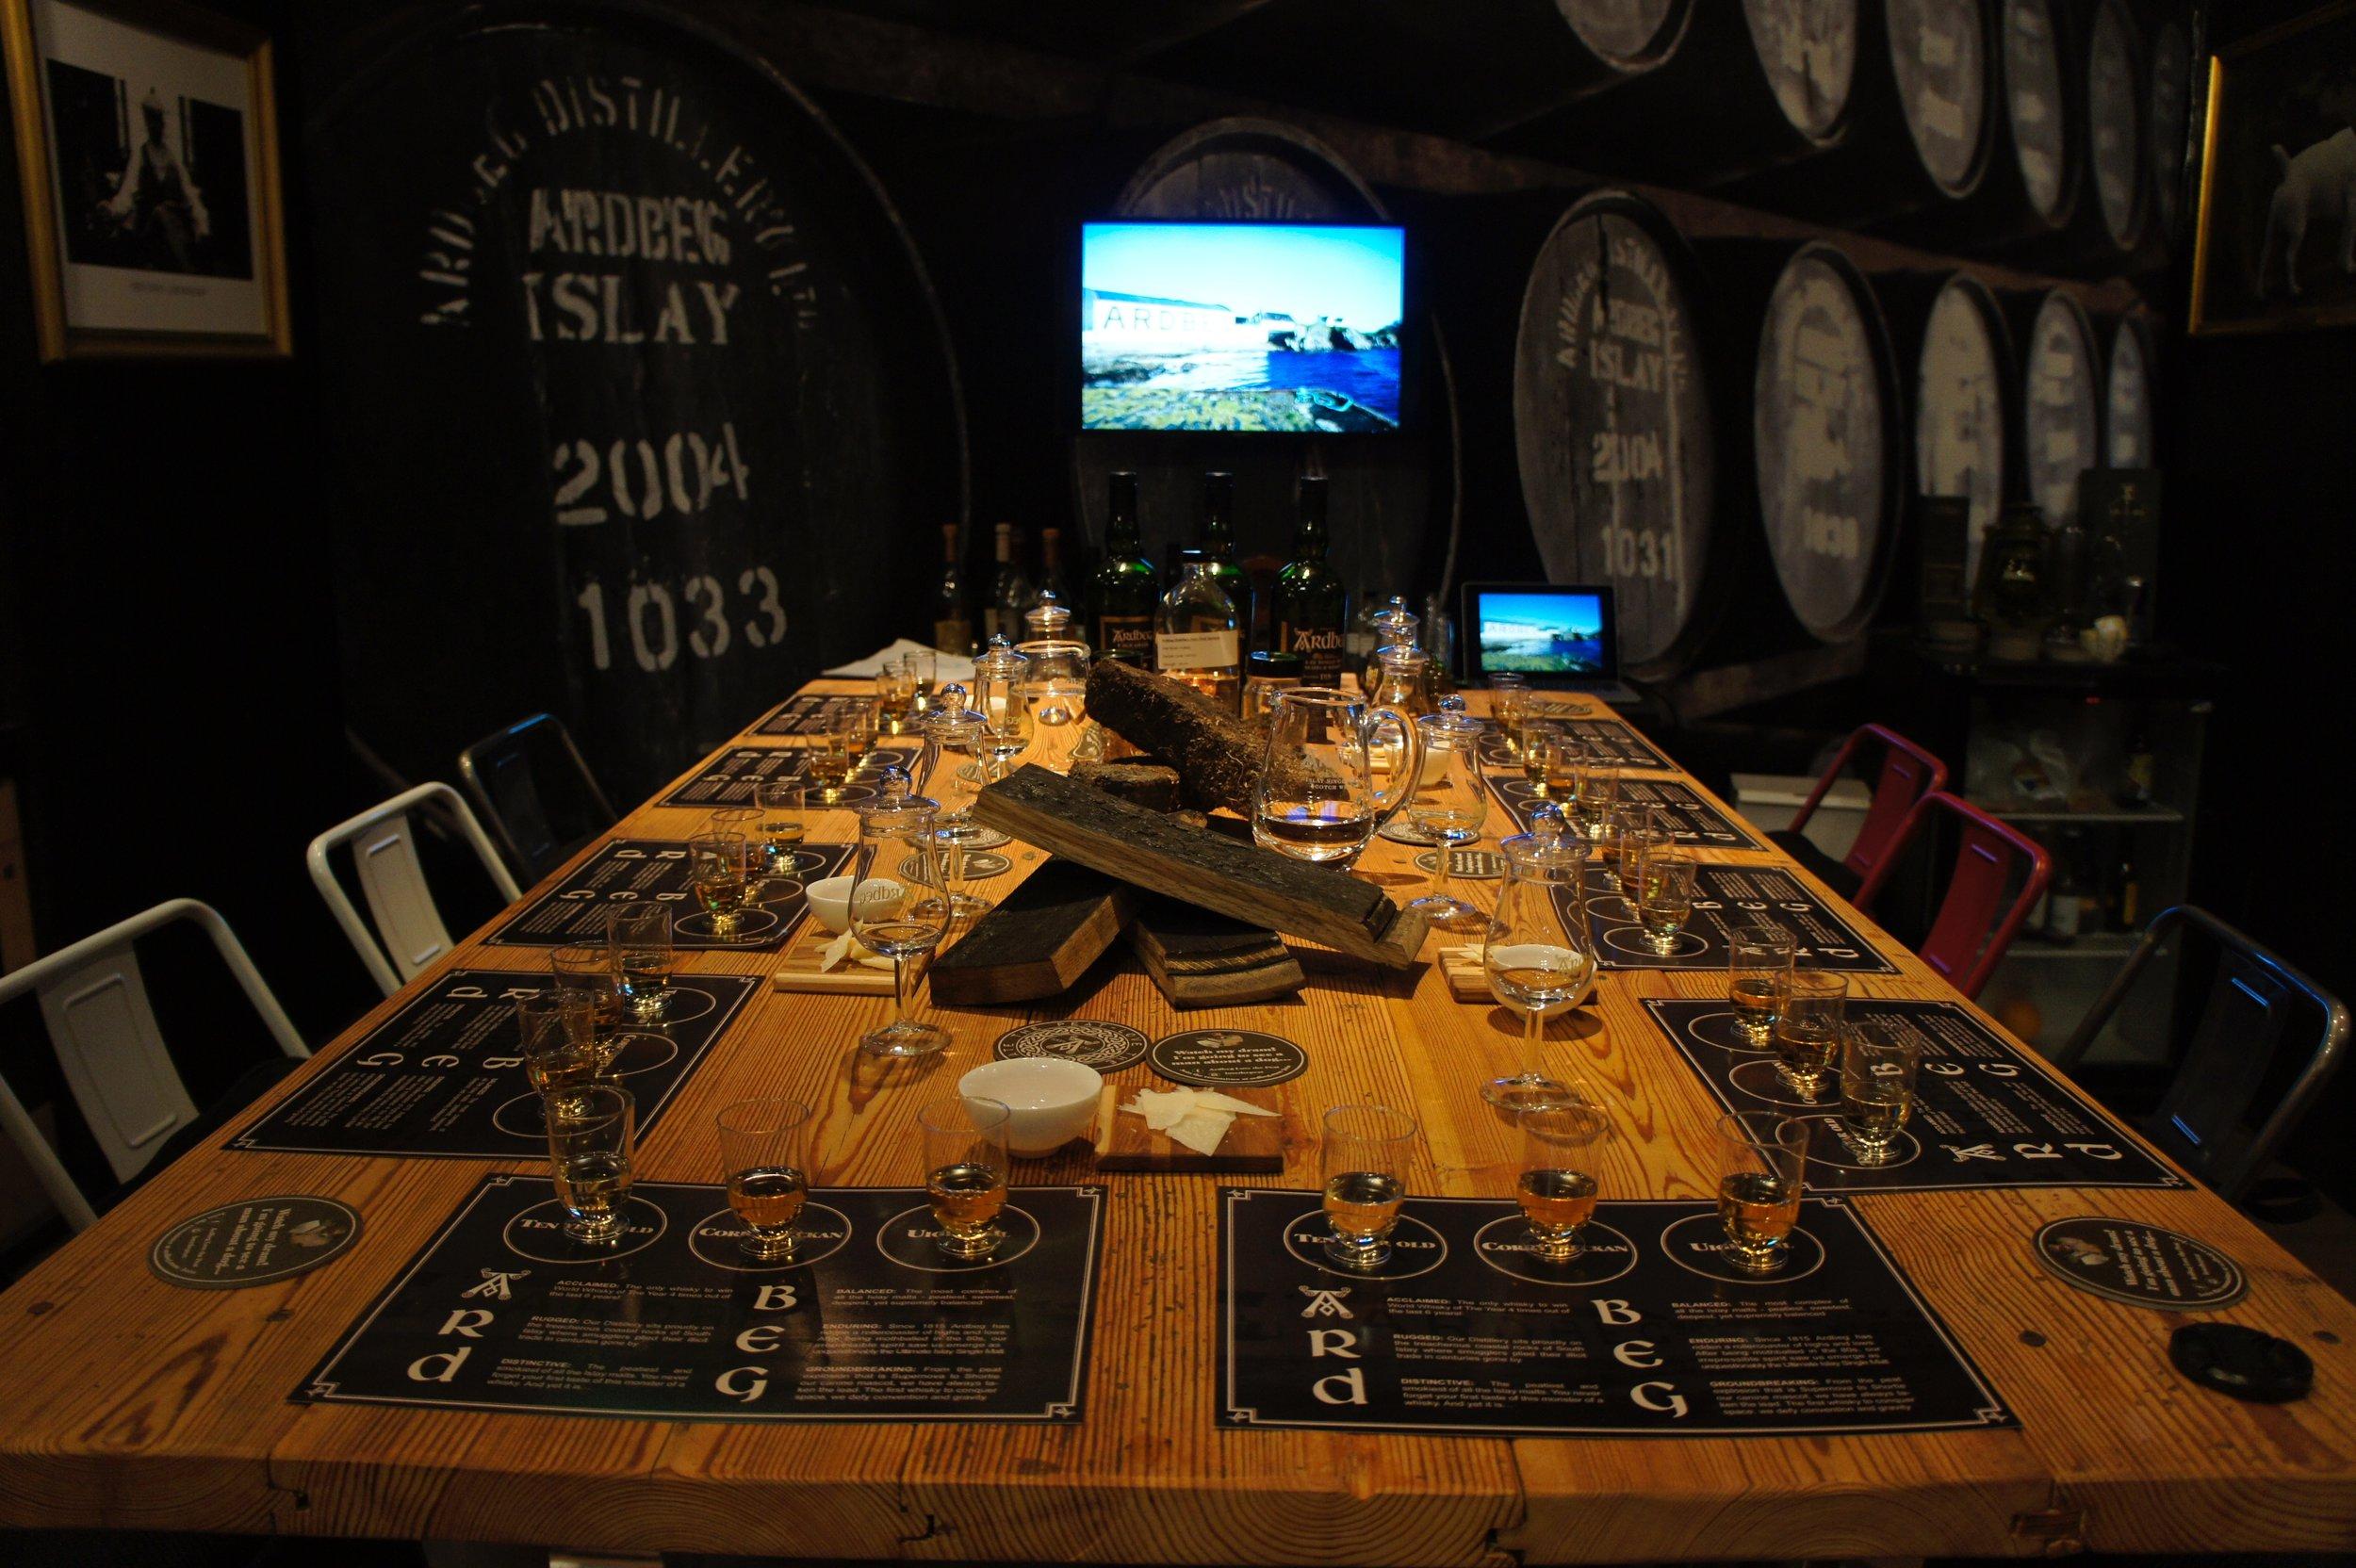 Dryckesbord till whiskymässa - Whiskymässa flera städer i Sverige